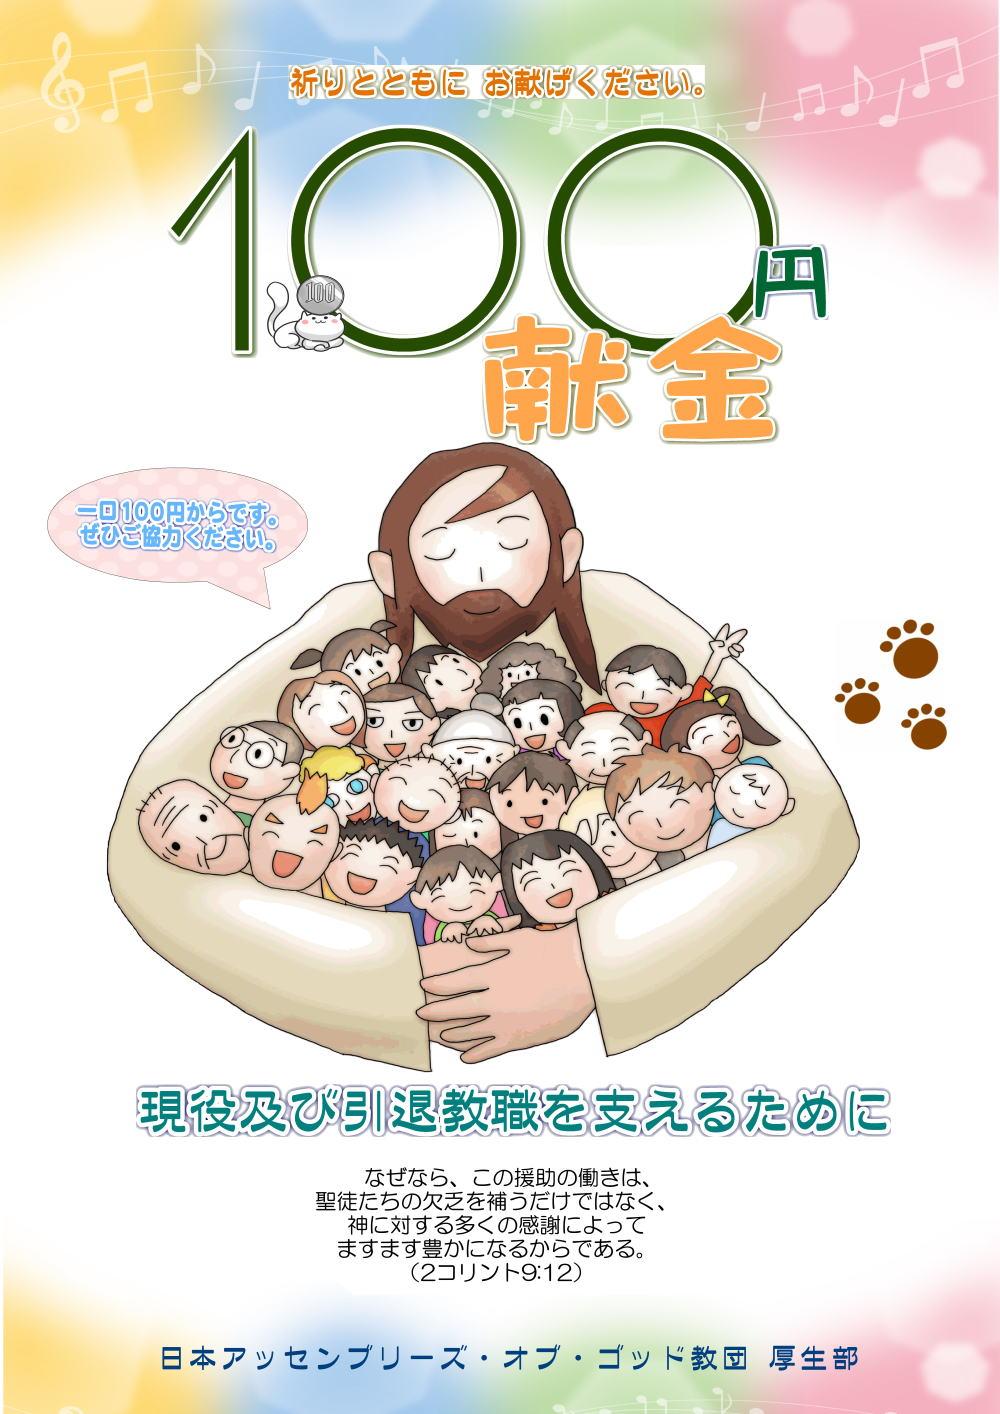 100円献金ポスター